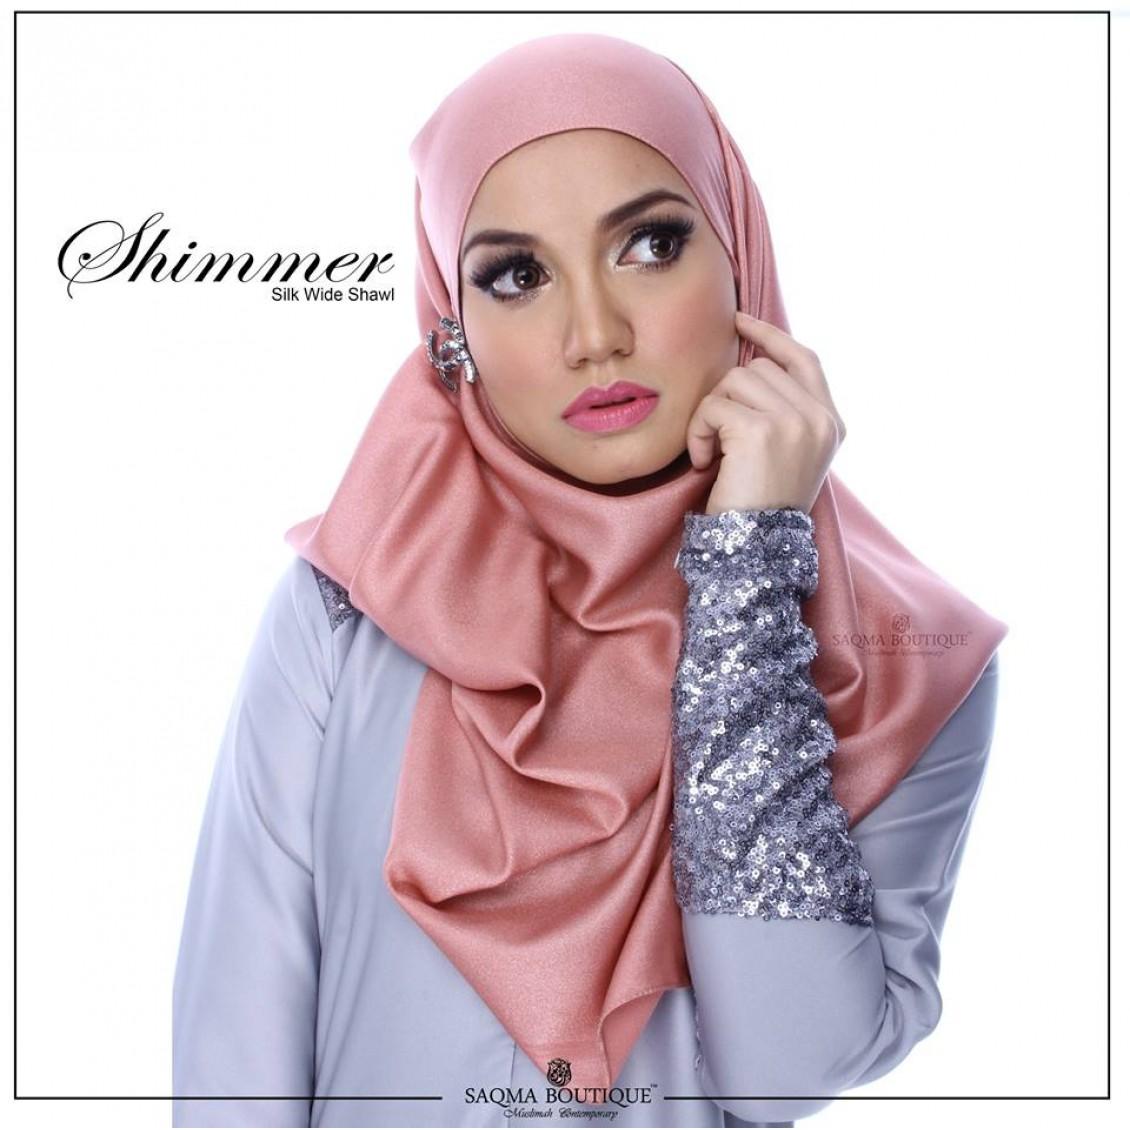 Shimmer Silk